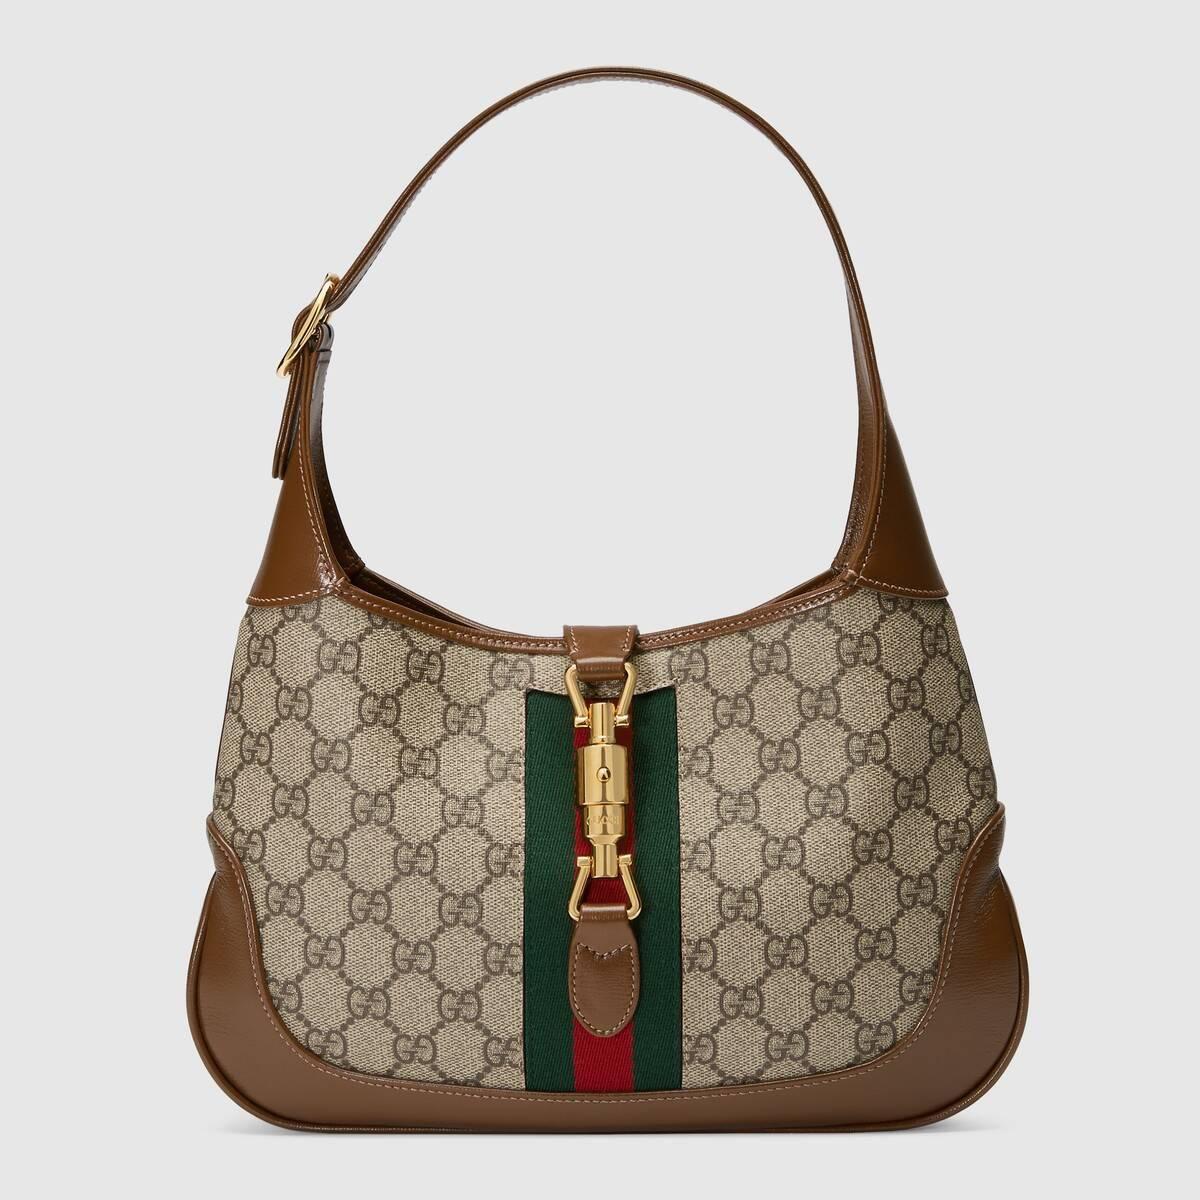 Jackie 1961 Small Shoulder Bag